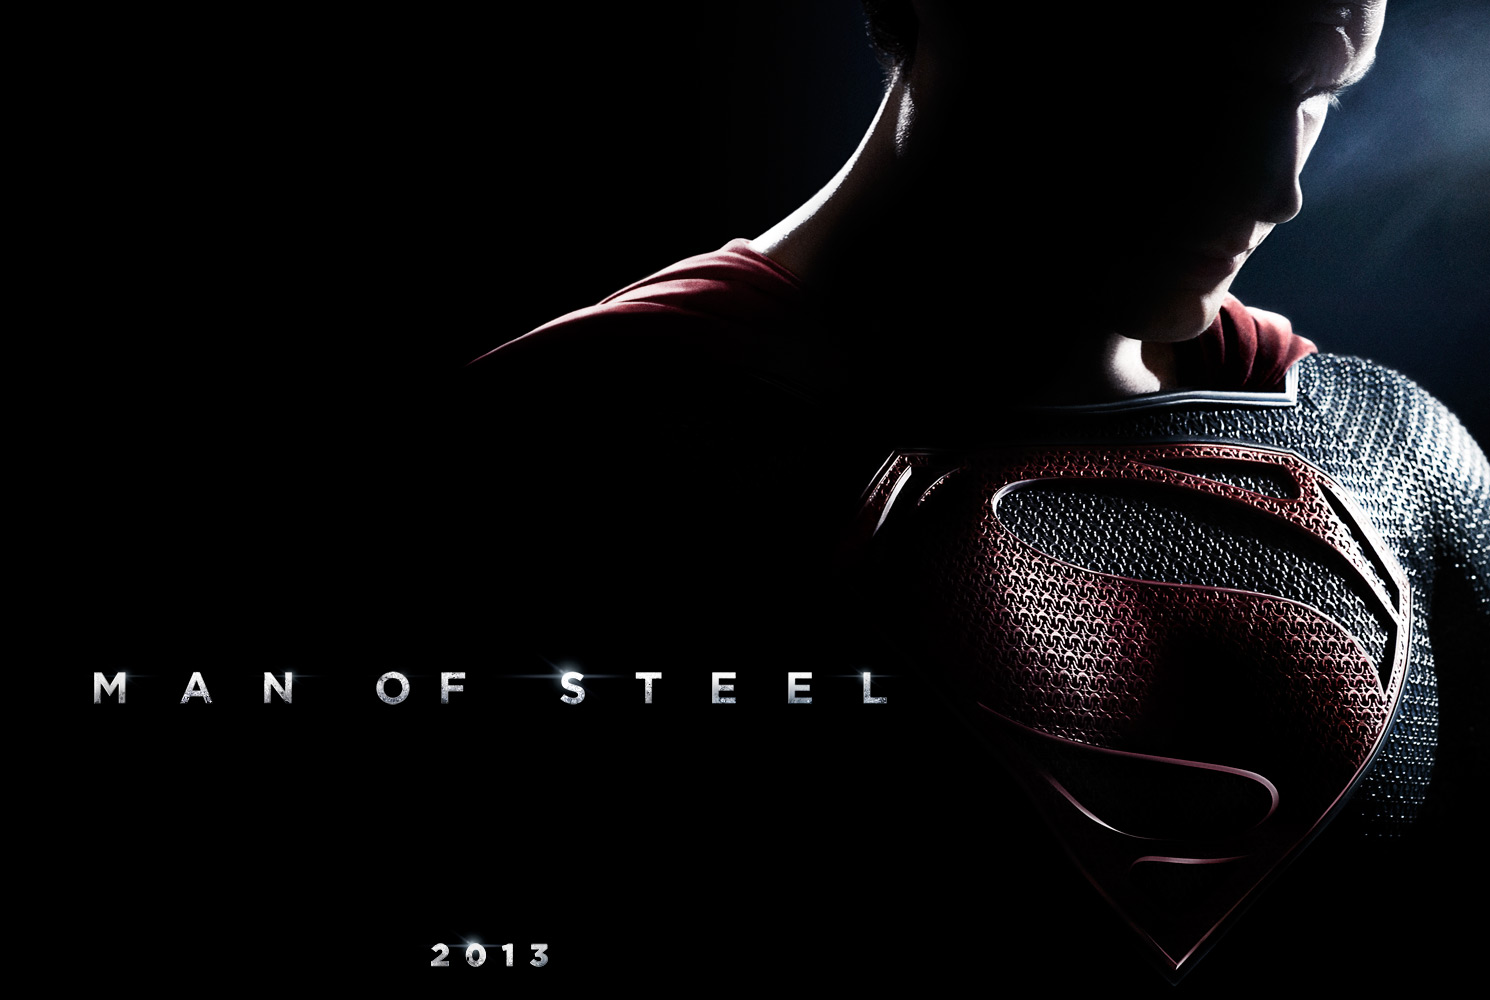 nuevo-trailer-de-superman